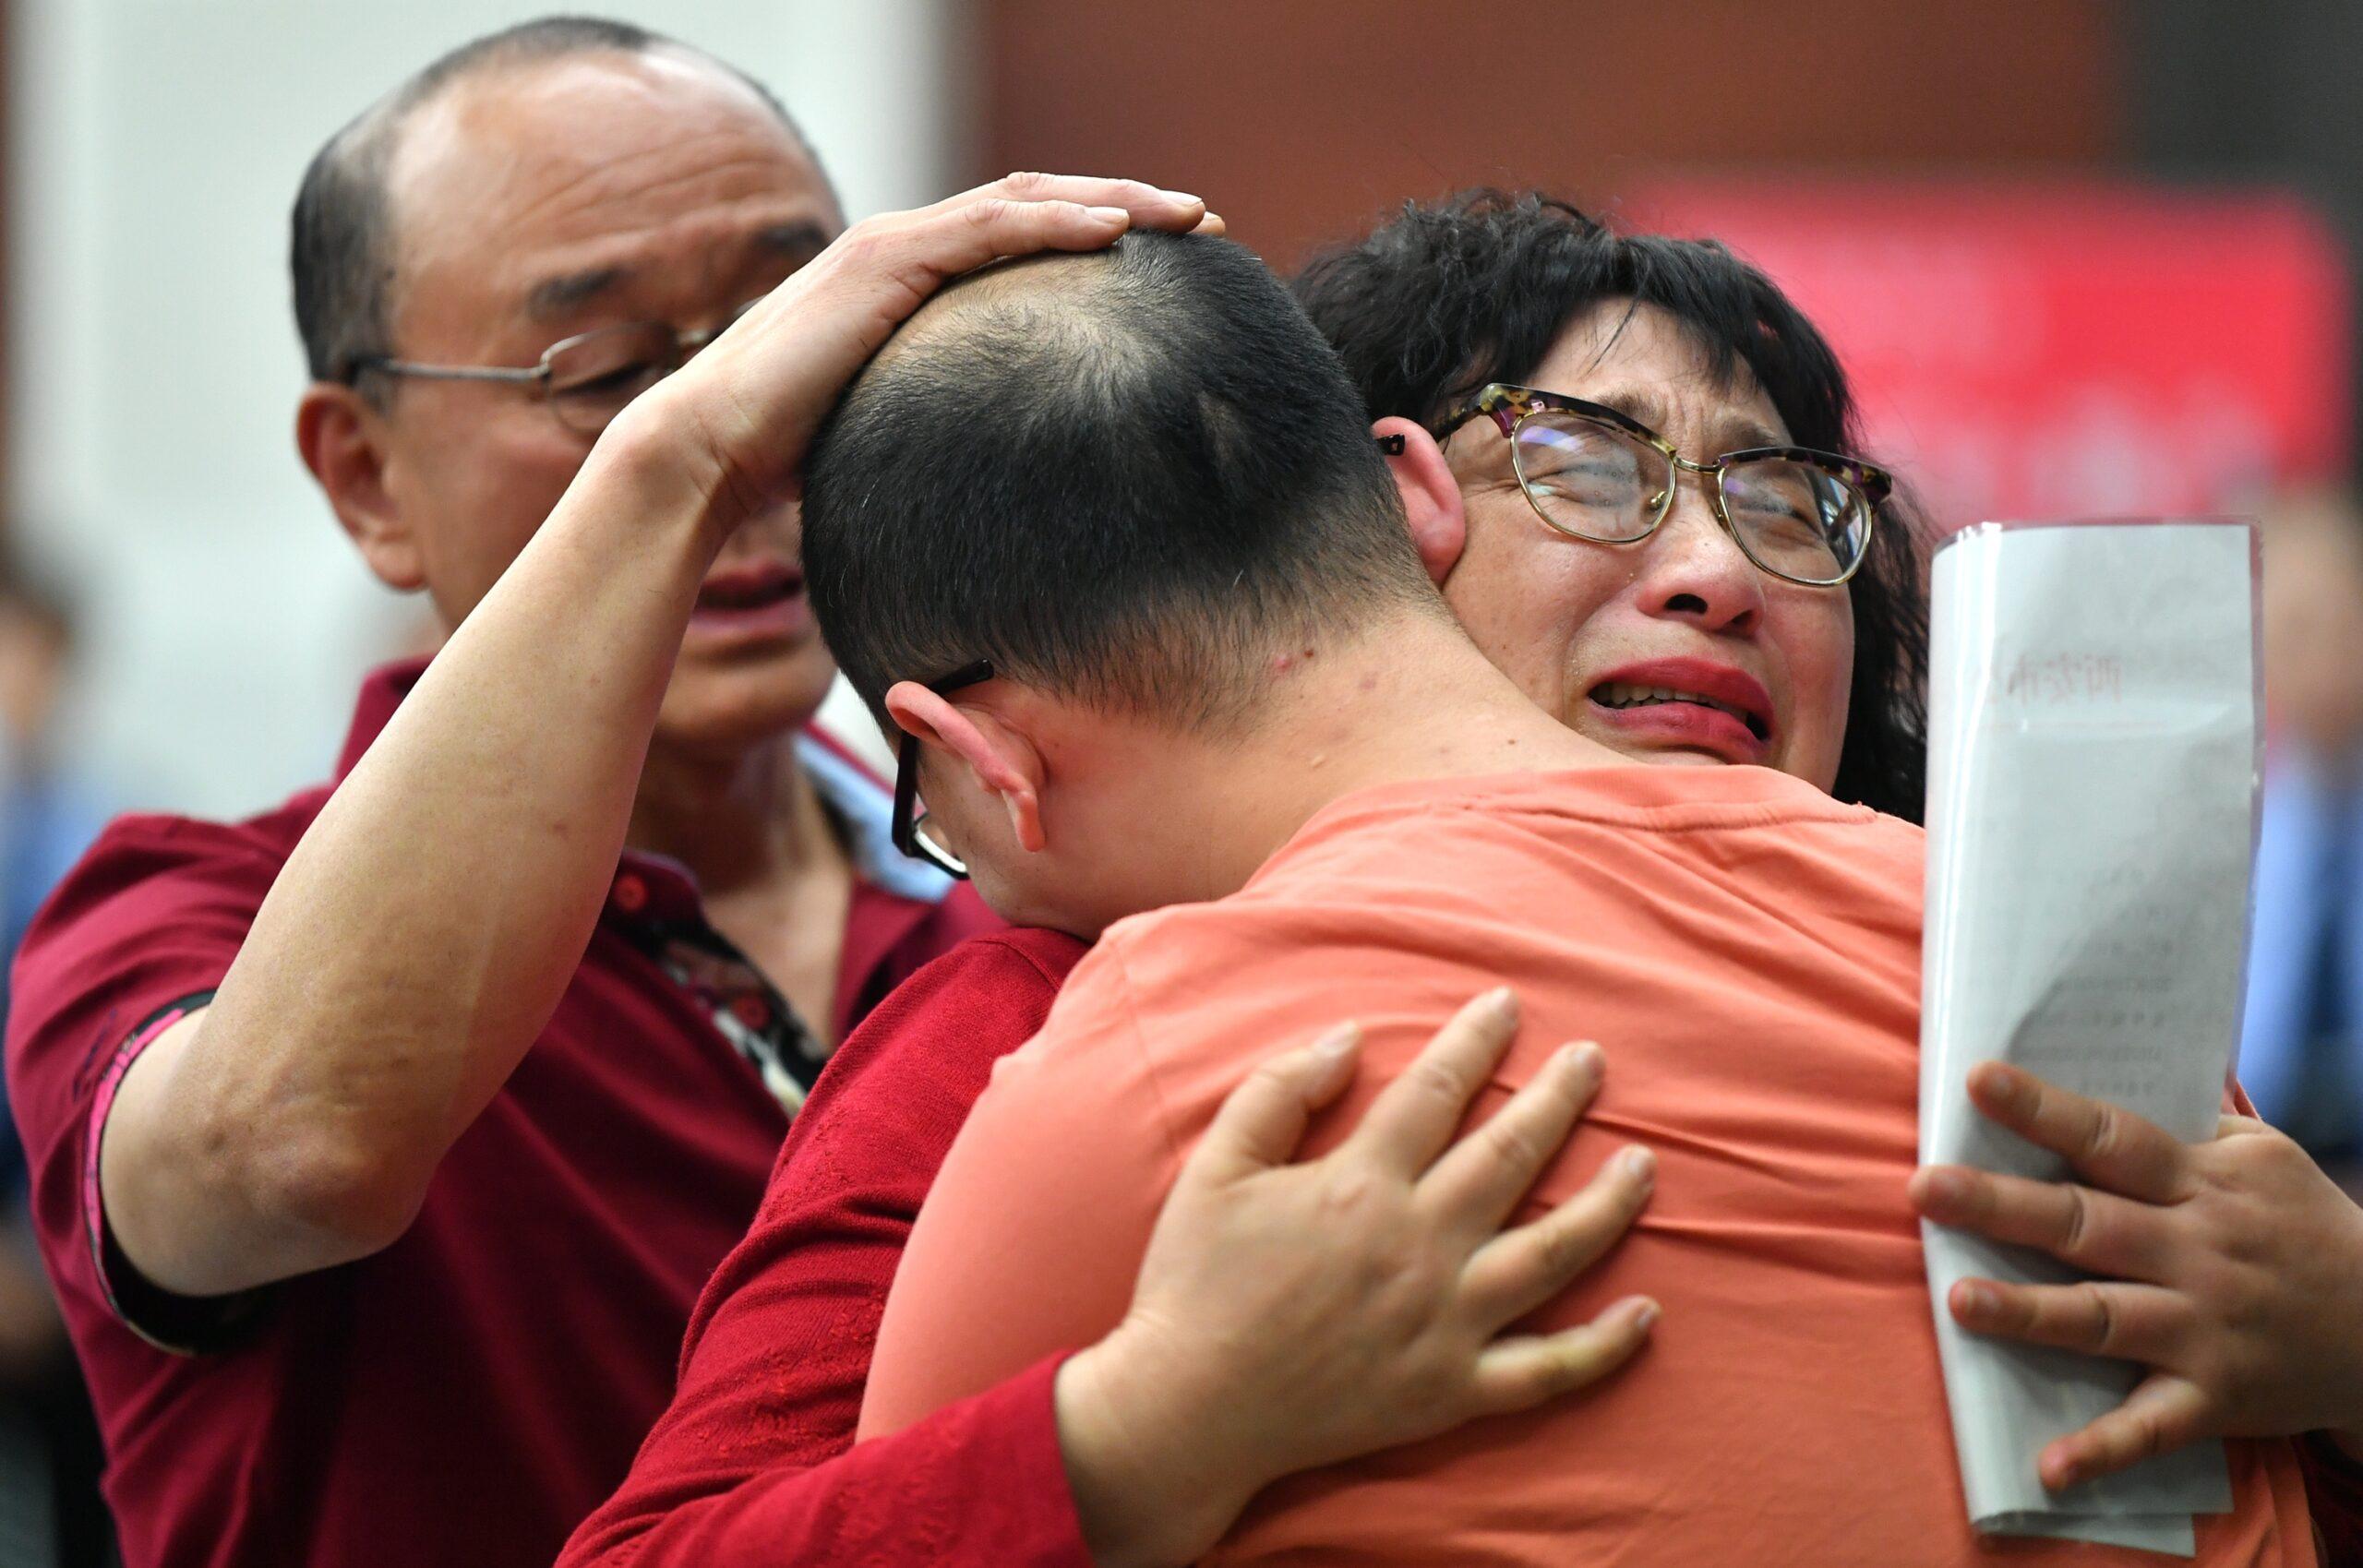 จีนพบตัว 'เด็กหาย-ถูกลักพาตัว' กว่า 1,600 ราย นับตั้งแต่เดือนม.ค.